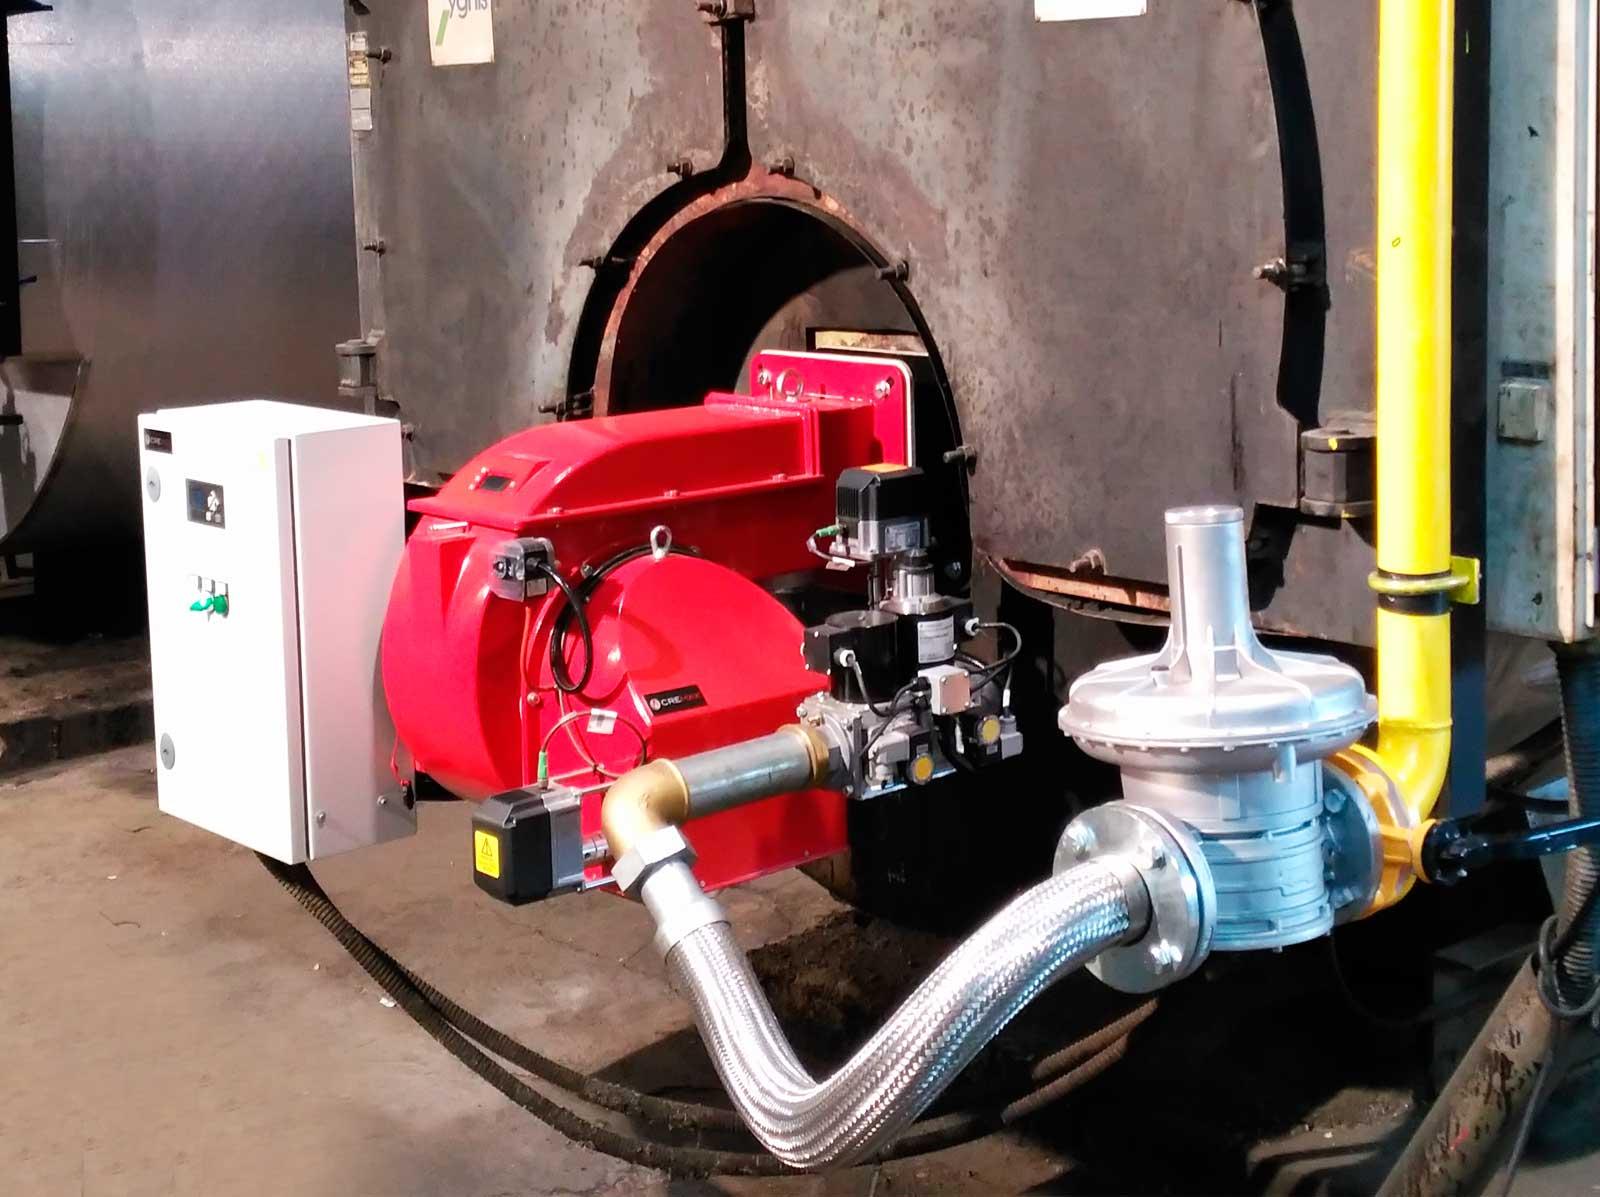 quemador-cremax-gasoleo-flamax-eficiencia-energetica-galeria-9